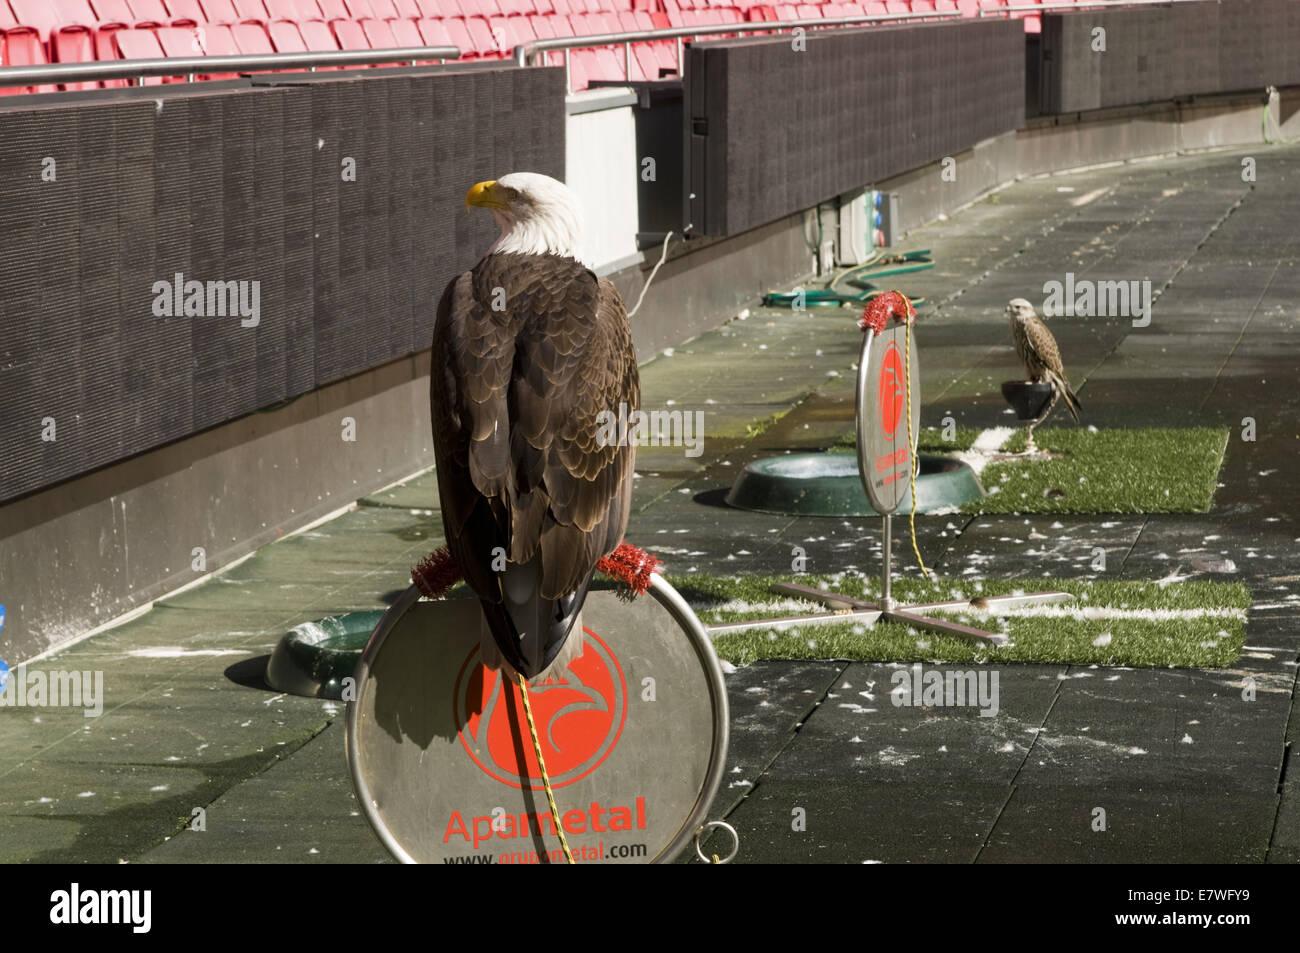 c8.alamy.com/compde/e7wfy9/adler-im-stadion-des-li...